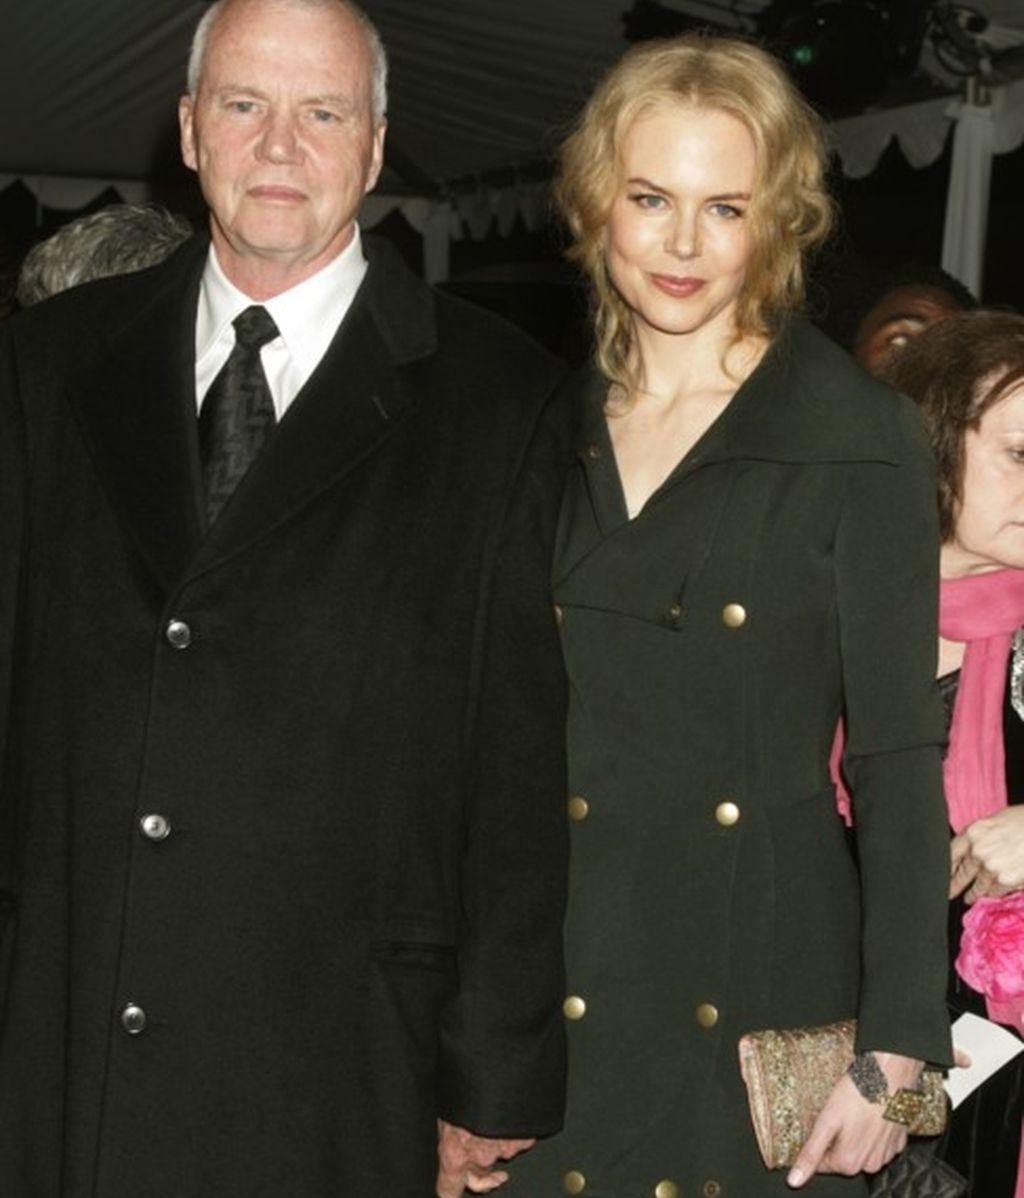 Fallece Toby Kidman, el padre de Nicole Kidman